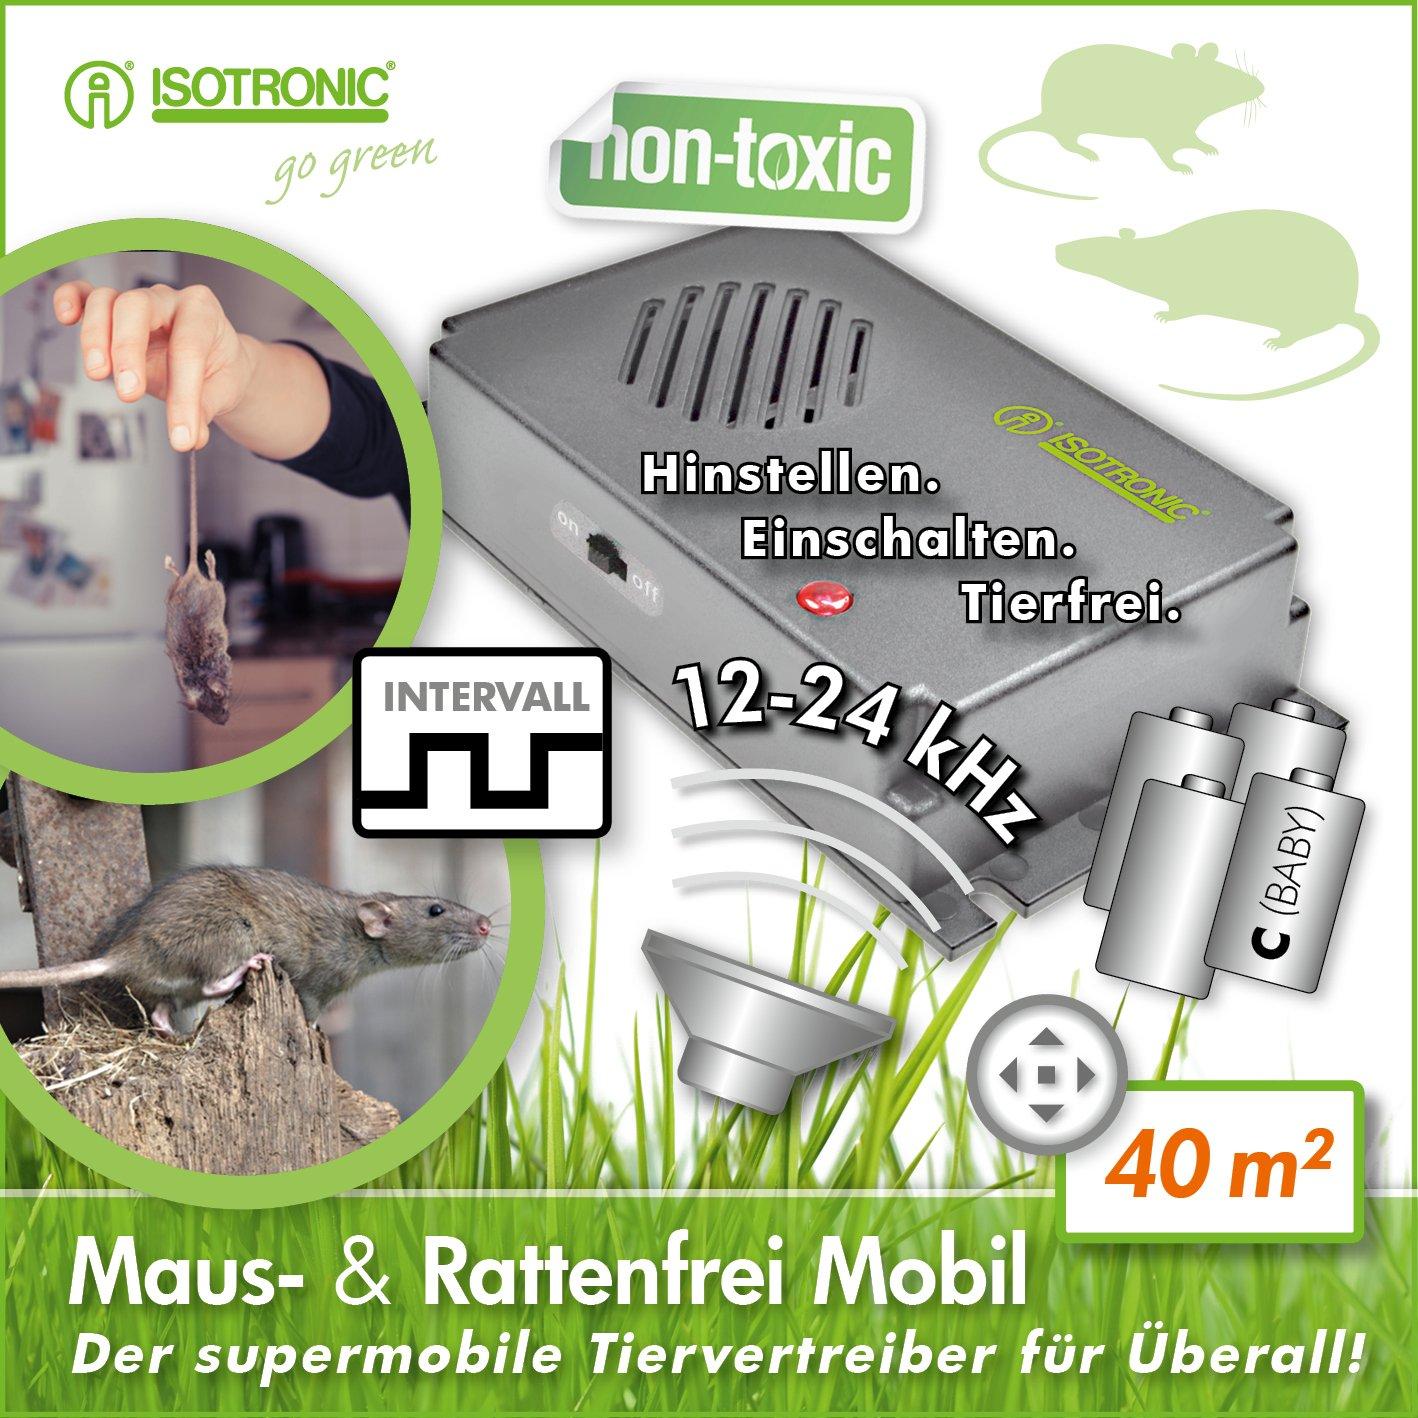 Isotronic Mauseabwehr Rattenabwehr Mit Ultraschall